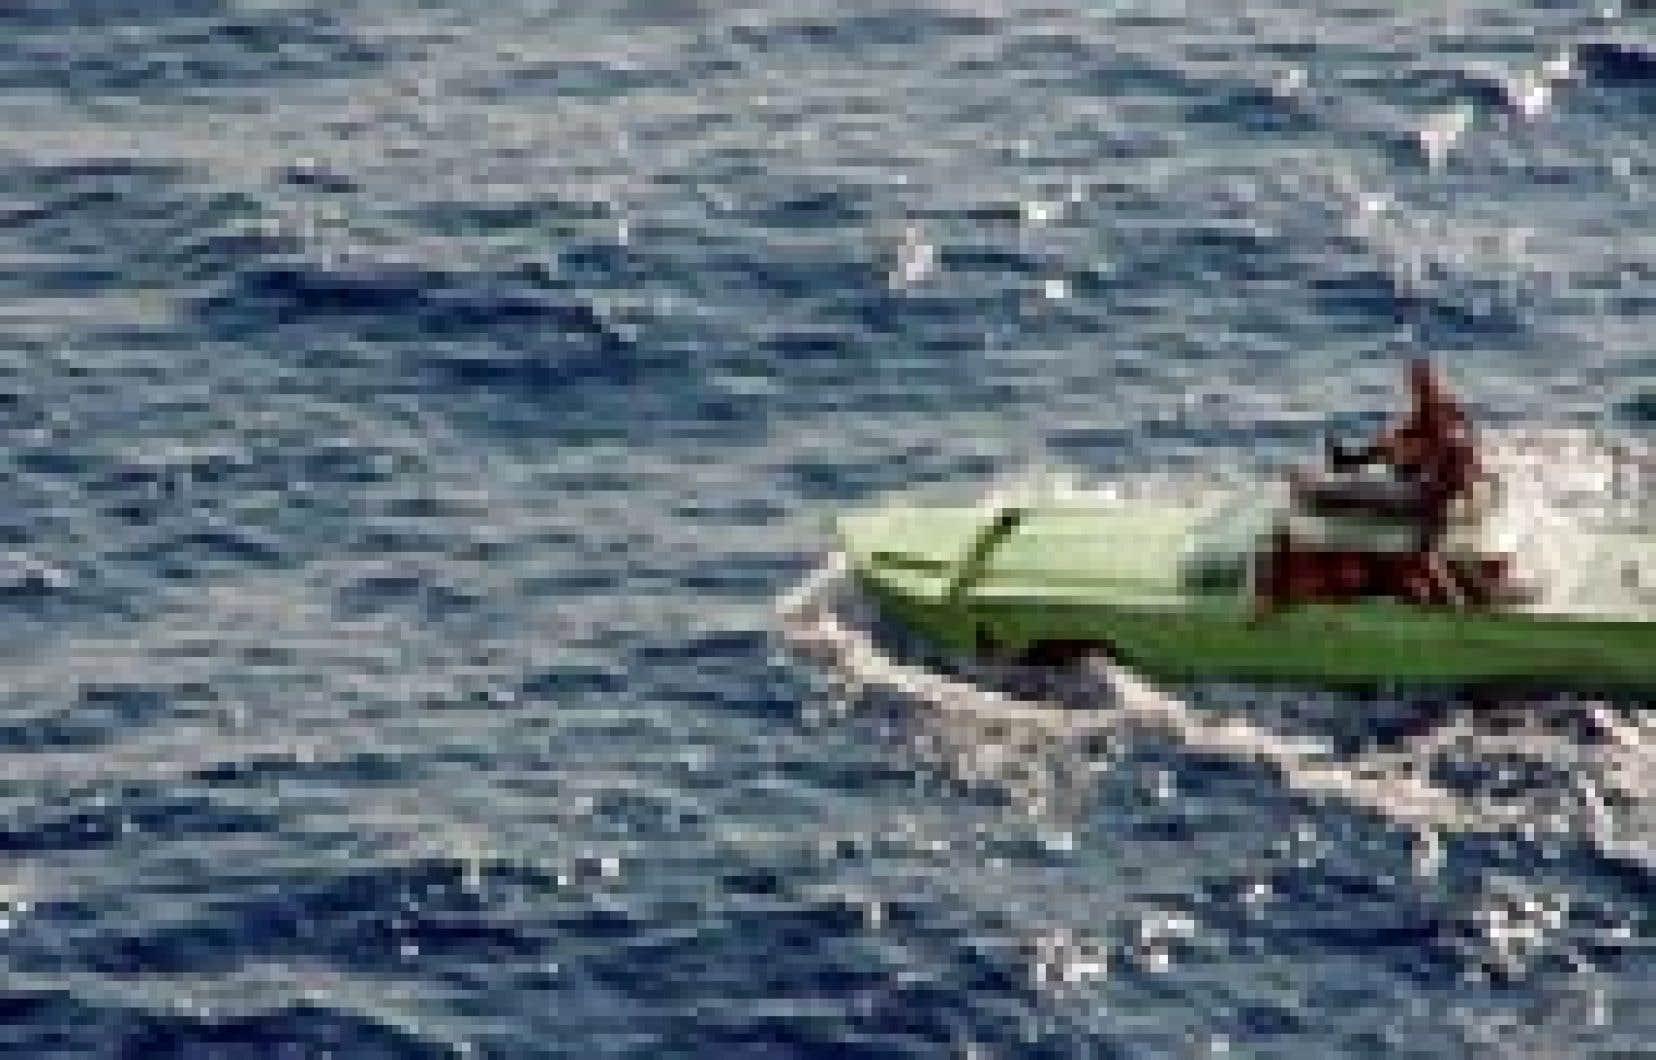 La garde côtière américaine a dû se frotter les yeux par deux fois avant d'intercepter la grosse Buick verte 1959 qui voguait tranquillement en direction de la côte de la Floride avec, à son bord, onze exilés cubains épris de liberté.